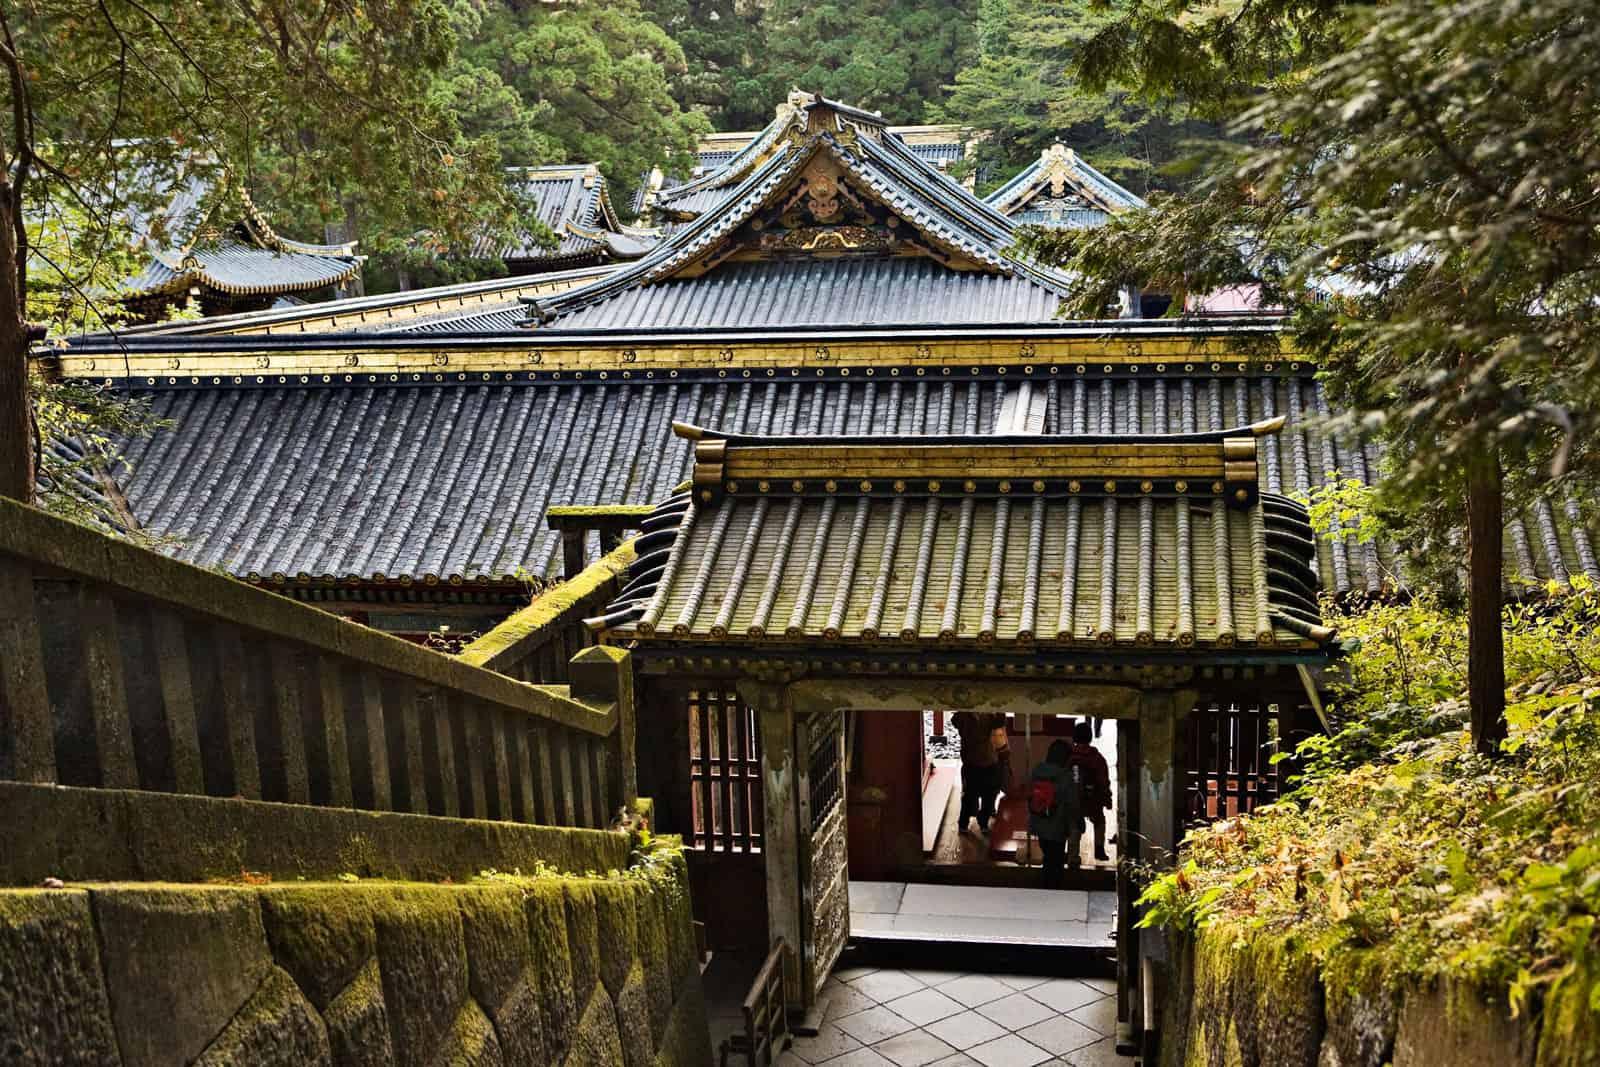 Toshogu in Nikko, Japan